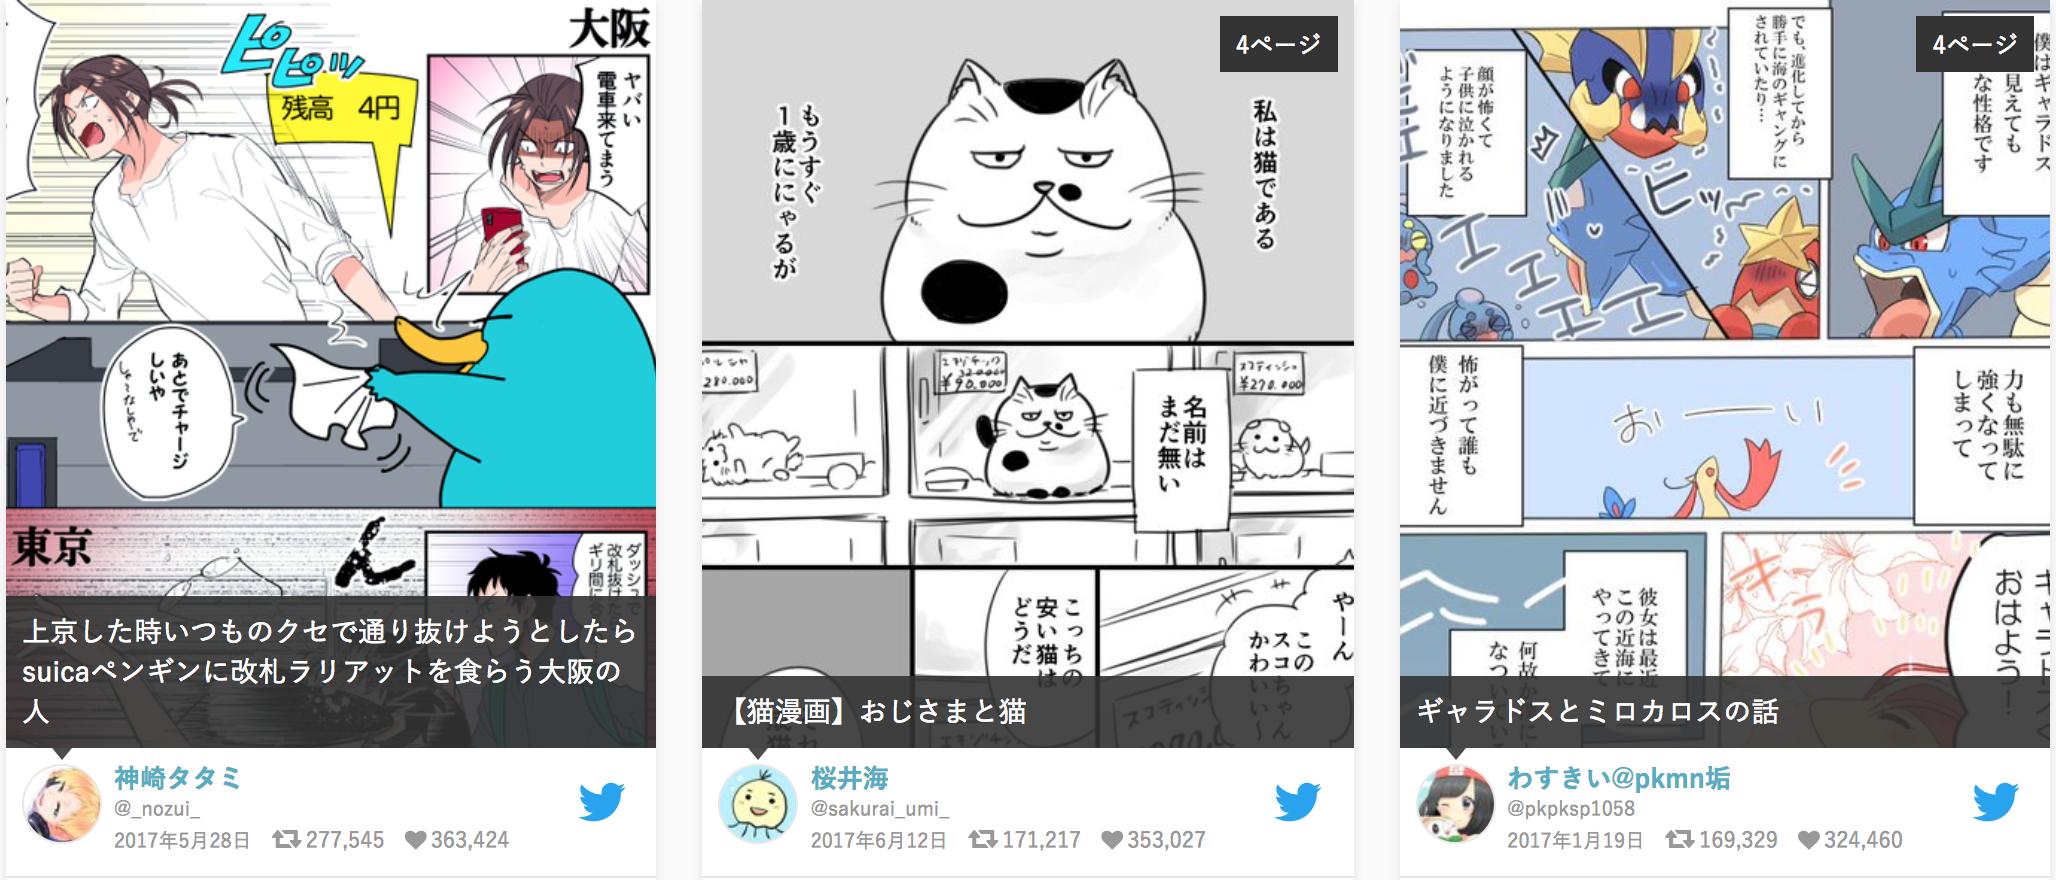 【ツイコミ(仮)】Twitterに投稿された面白い漫画を集約しているサービスがあった